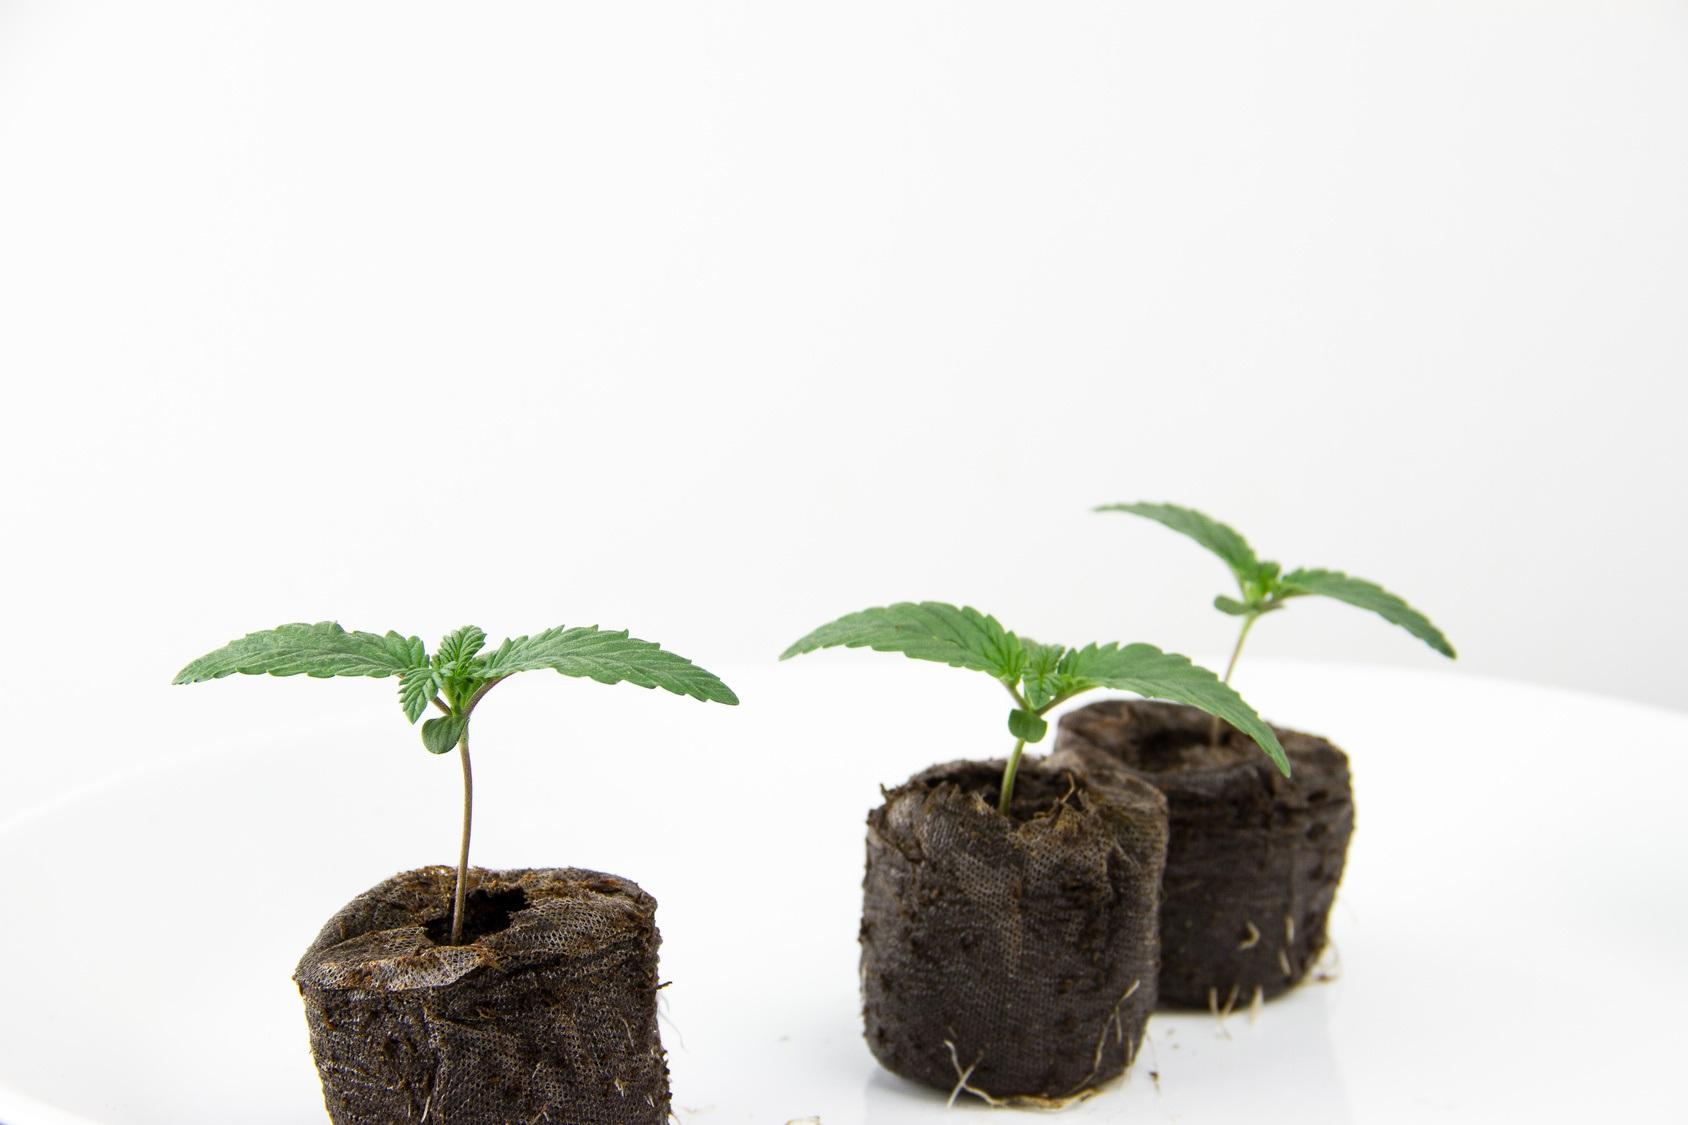 Anwalt BtM Kanzlei Louis & Michaelis unerlaubter Anbau von Cannabis